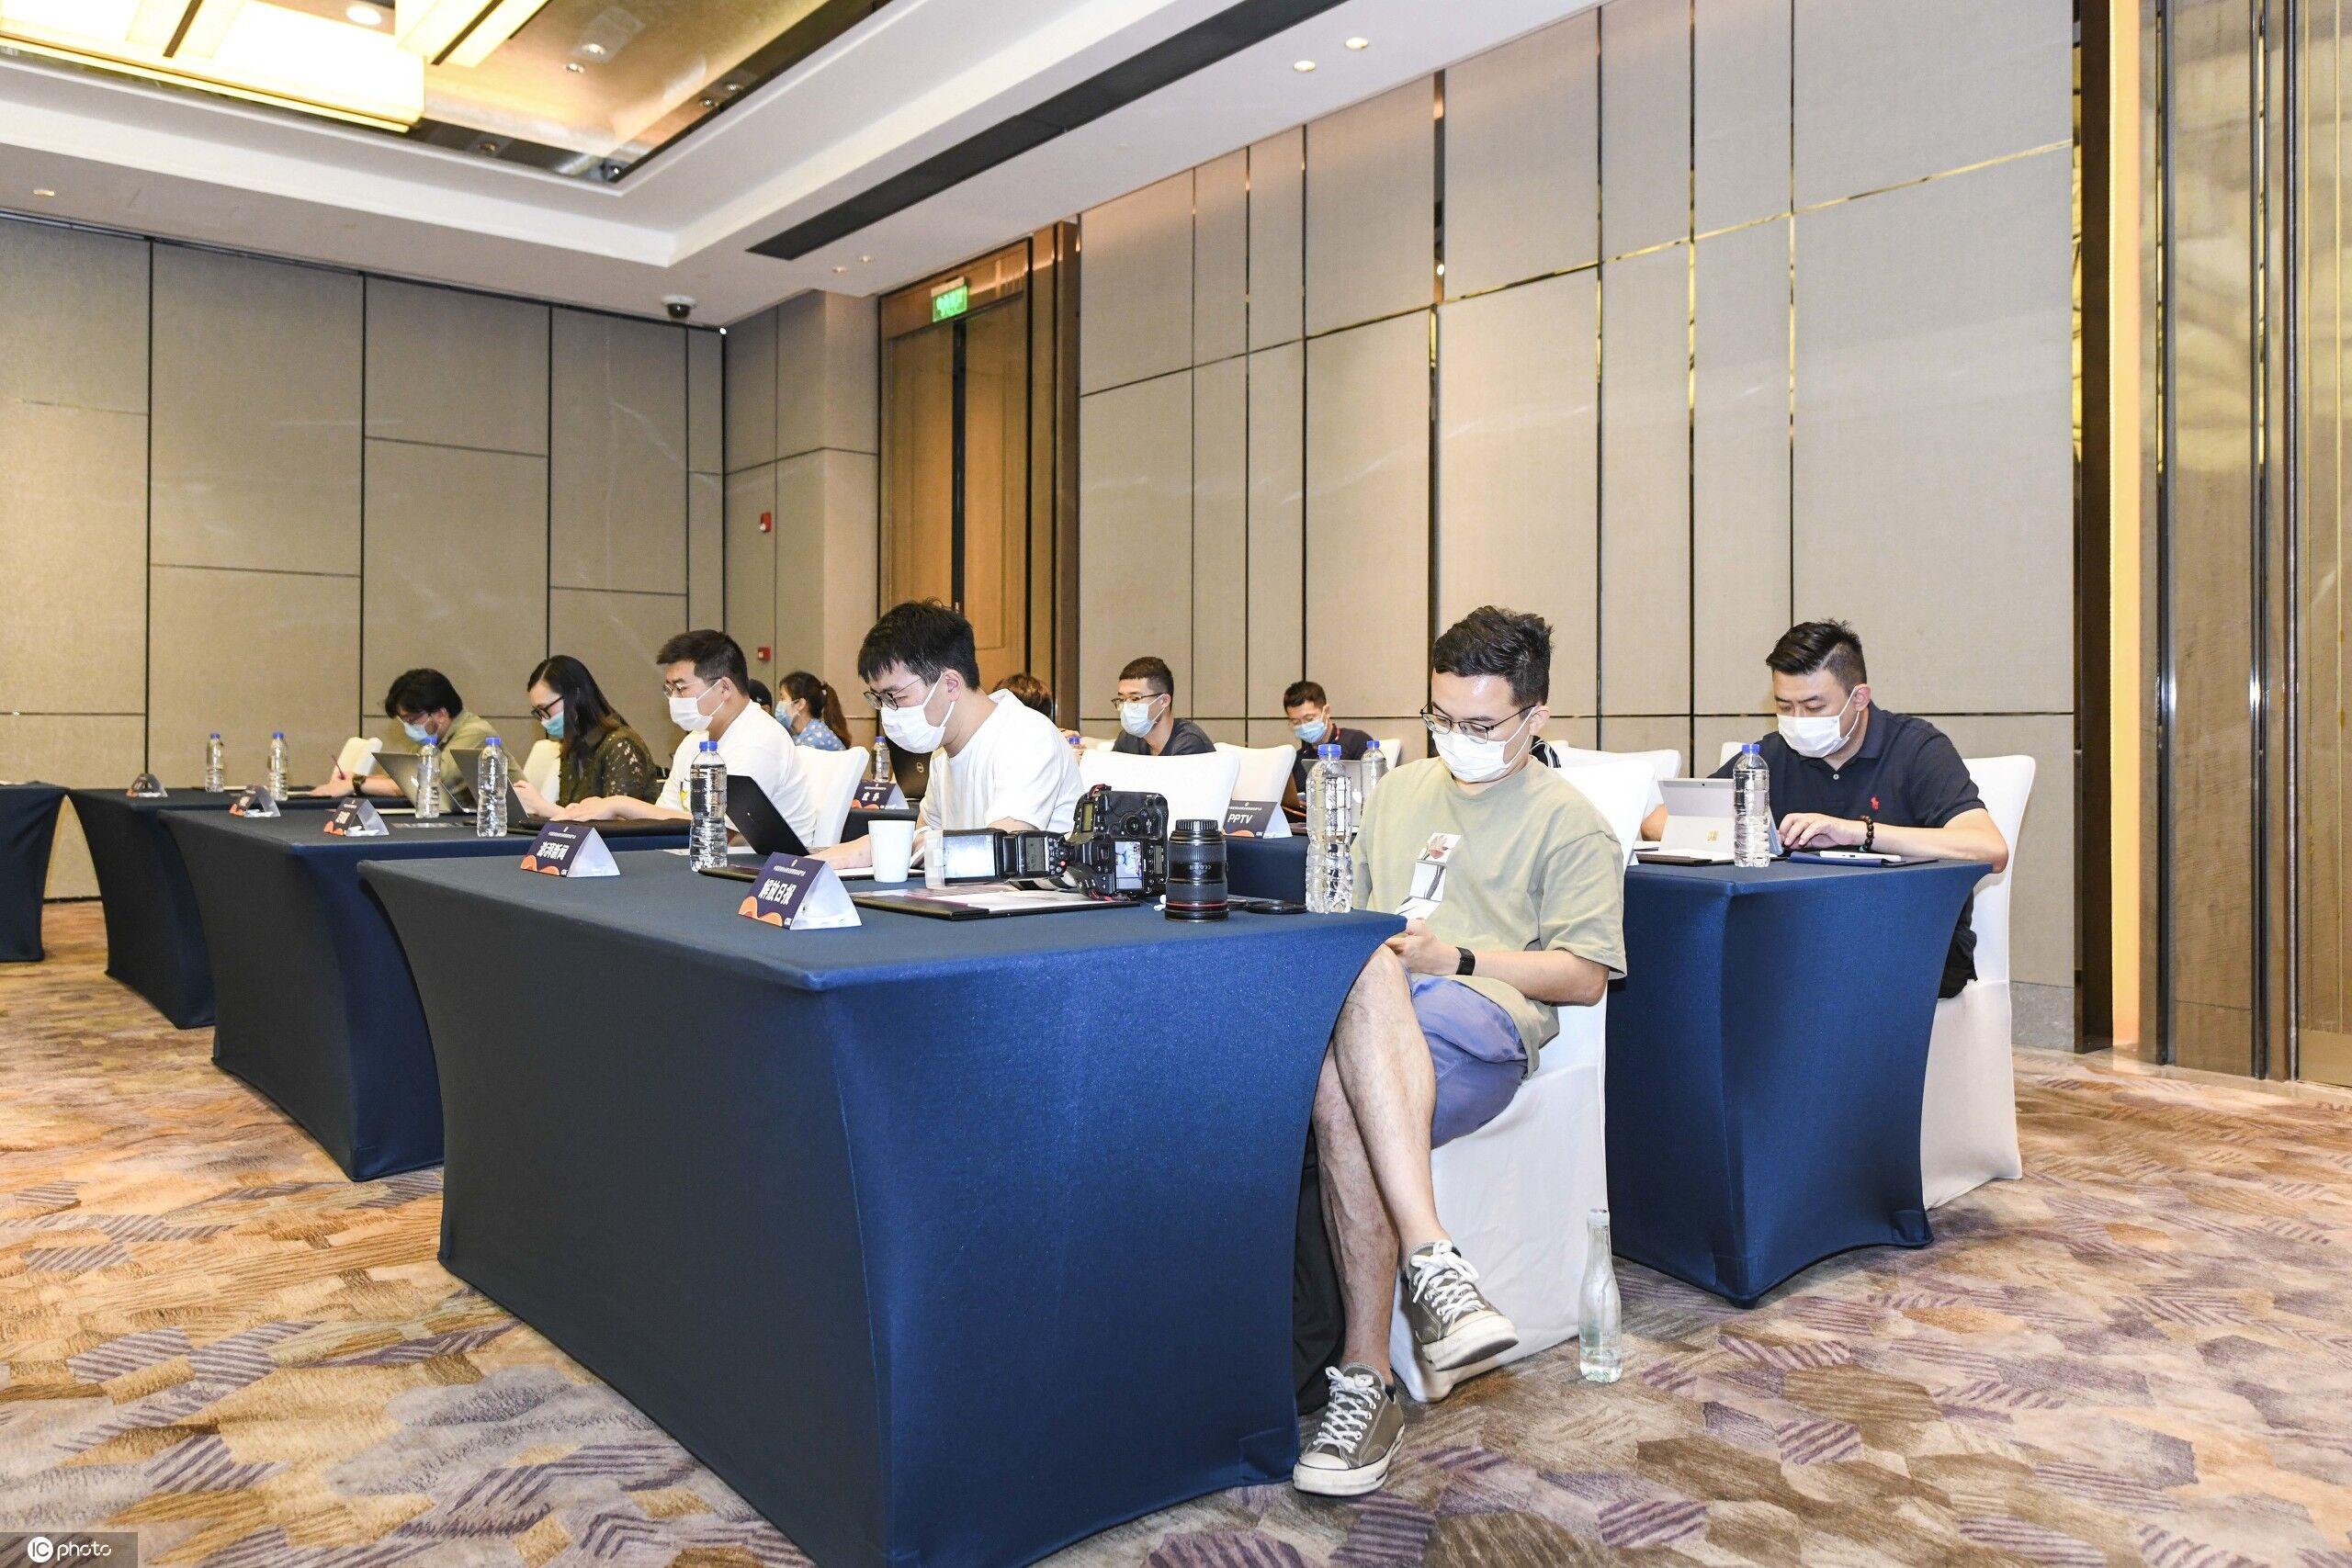 陈戌源:职业联盟组建到了最后阶段,还在稳步推进中